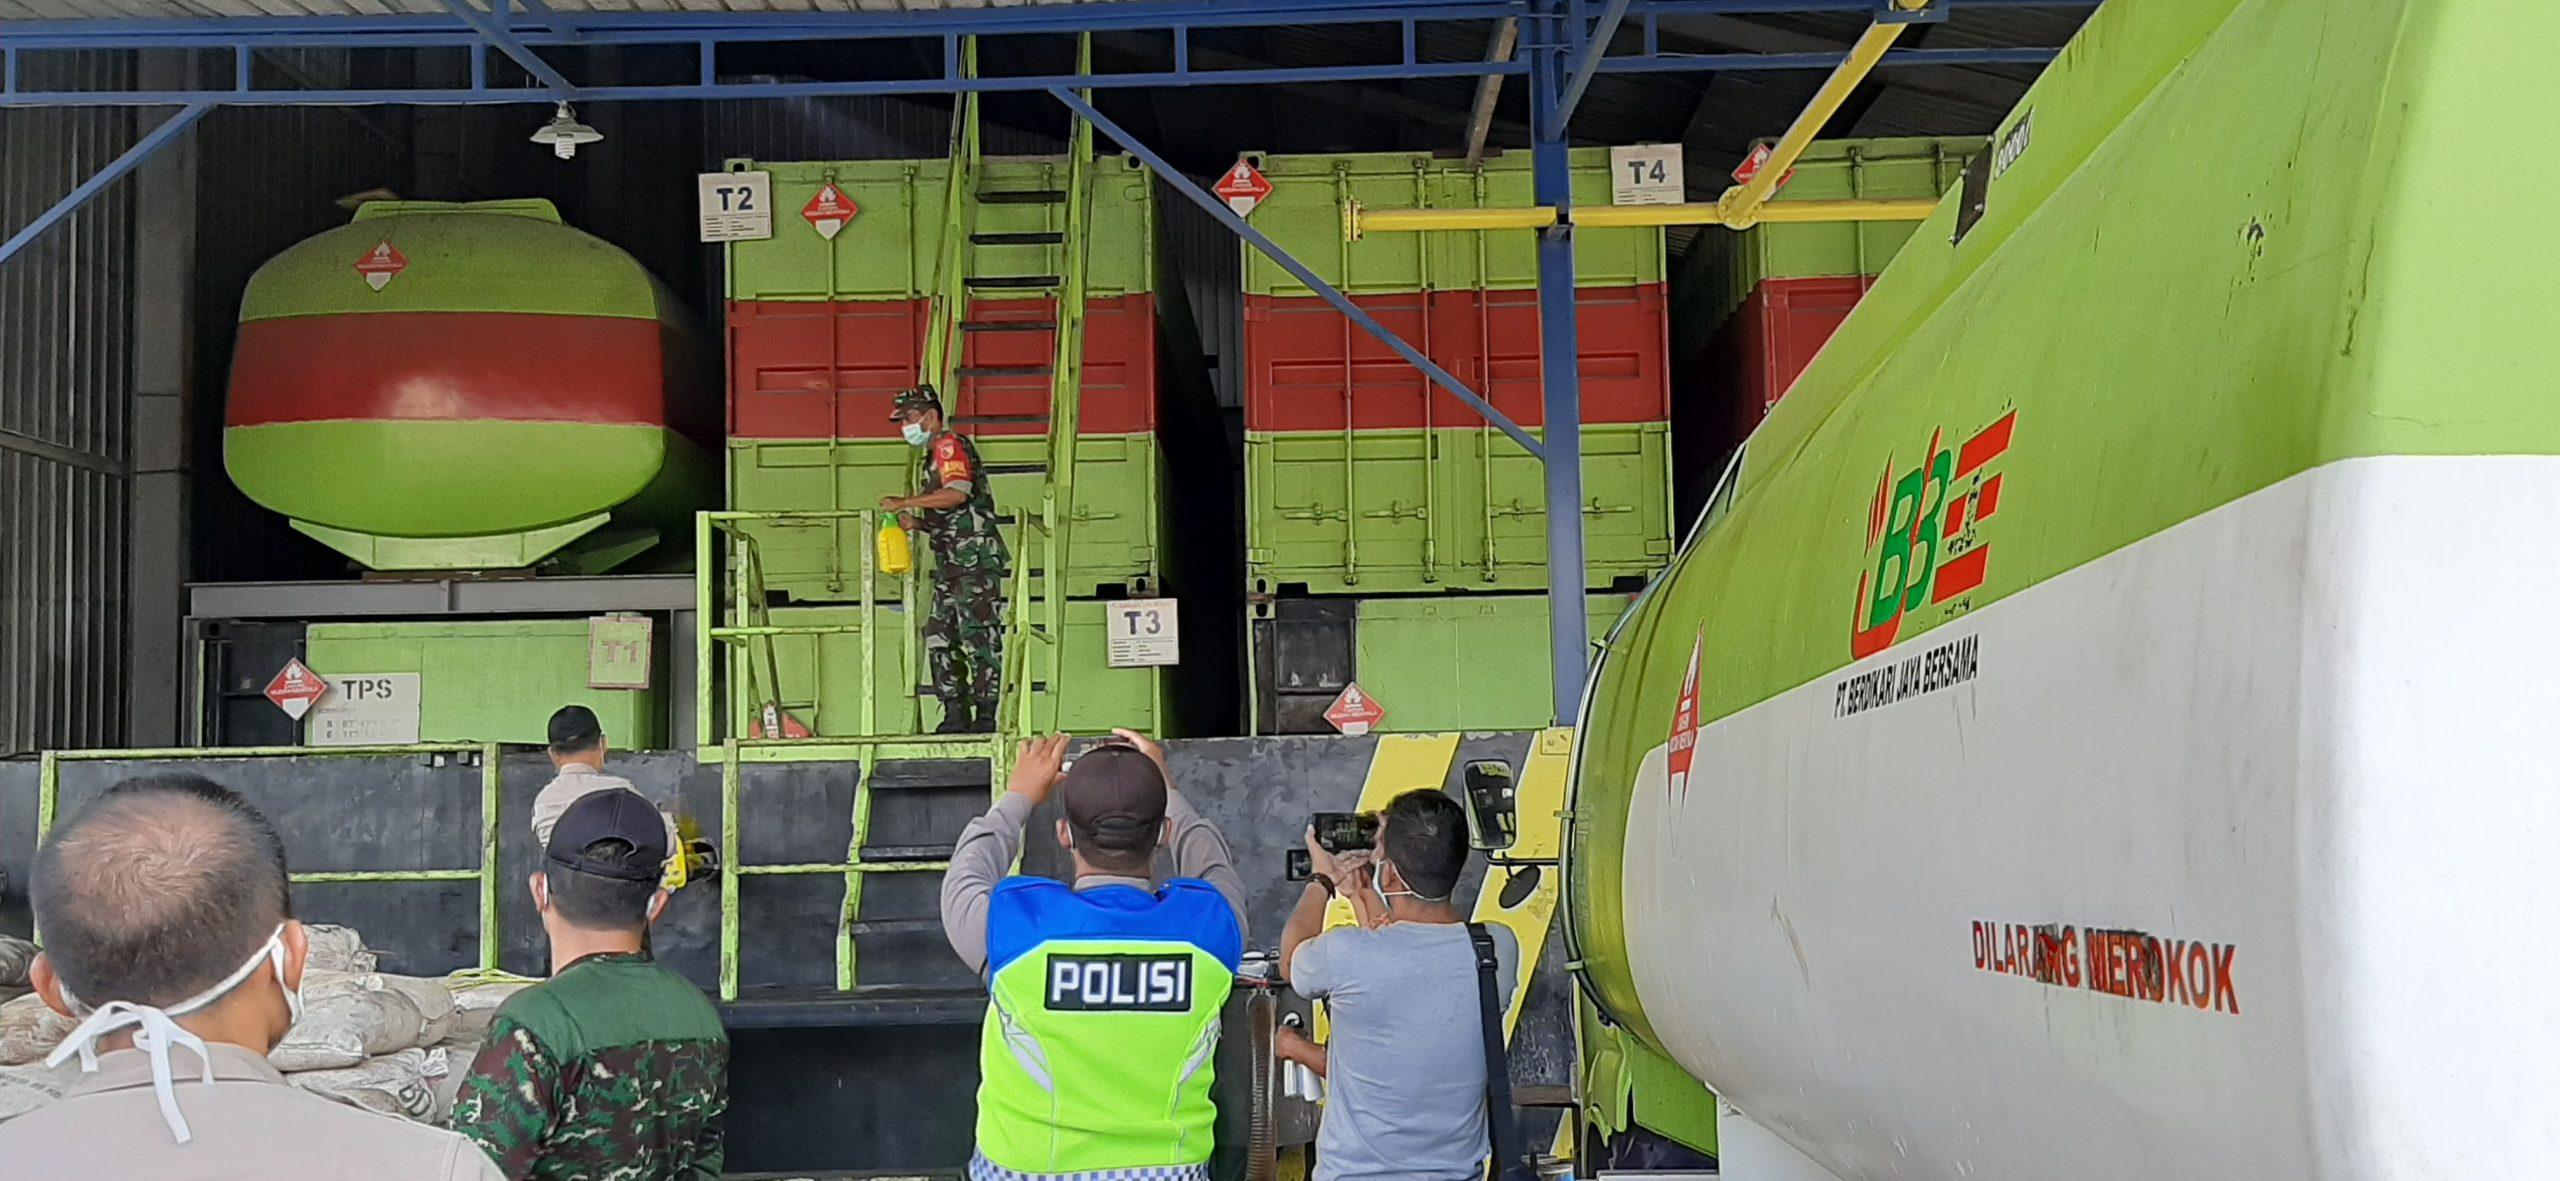 Anggota TNI-Polri Semprot Pabrik Oli PT Berdikari Jaya Bersama Agar Karyawan Pabrik Terbebas Dari Paparan Virus Corona. (foto: istimewa)